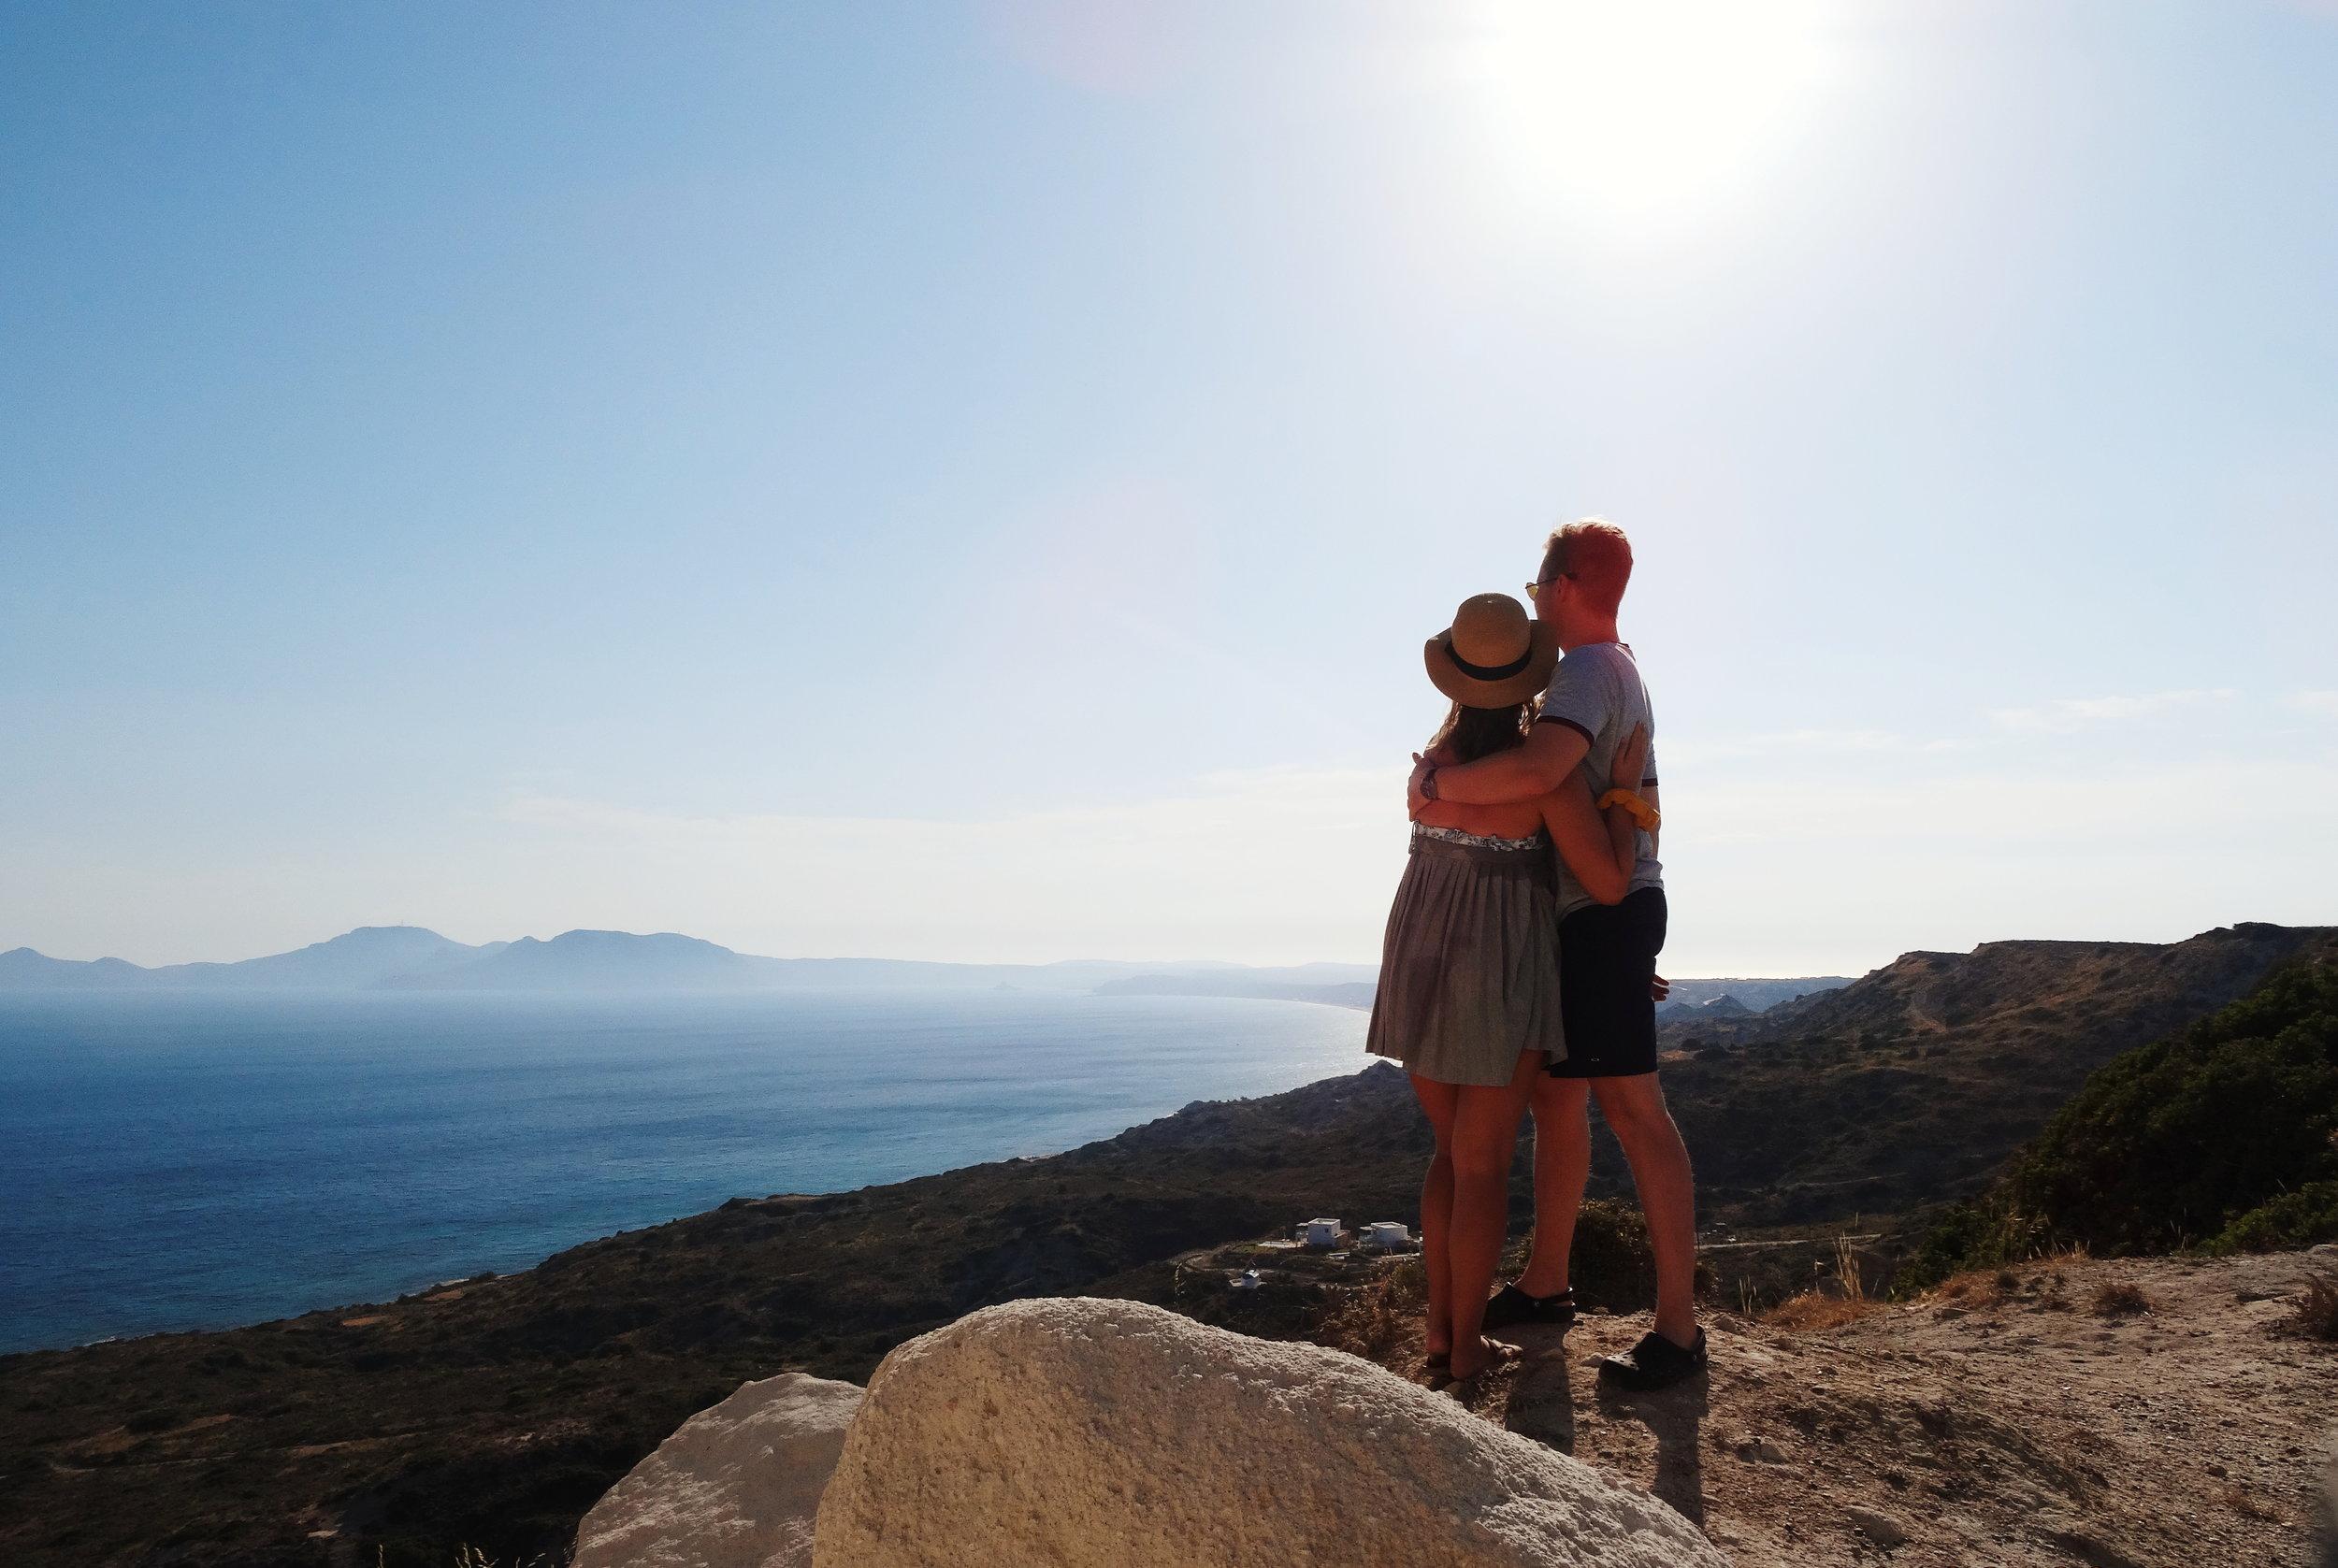 kos-kreikka-kokemuksia-maisema-ranta-mona-kajander-matkablogi